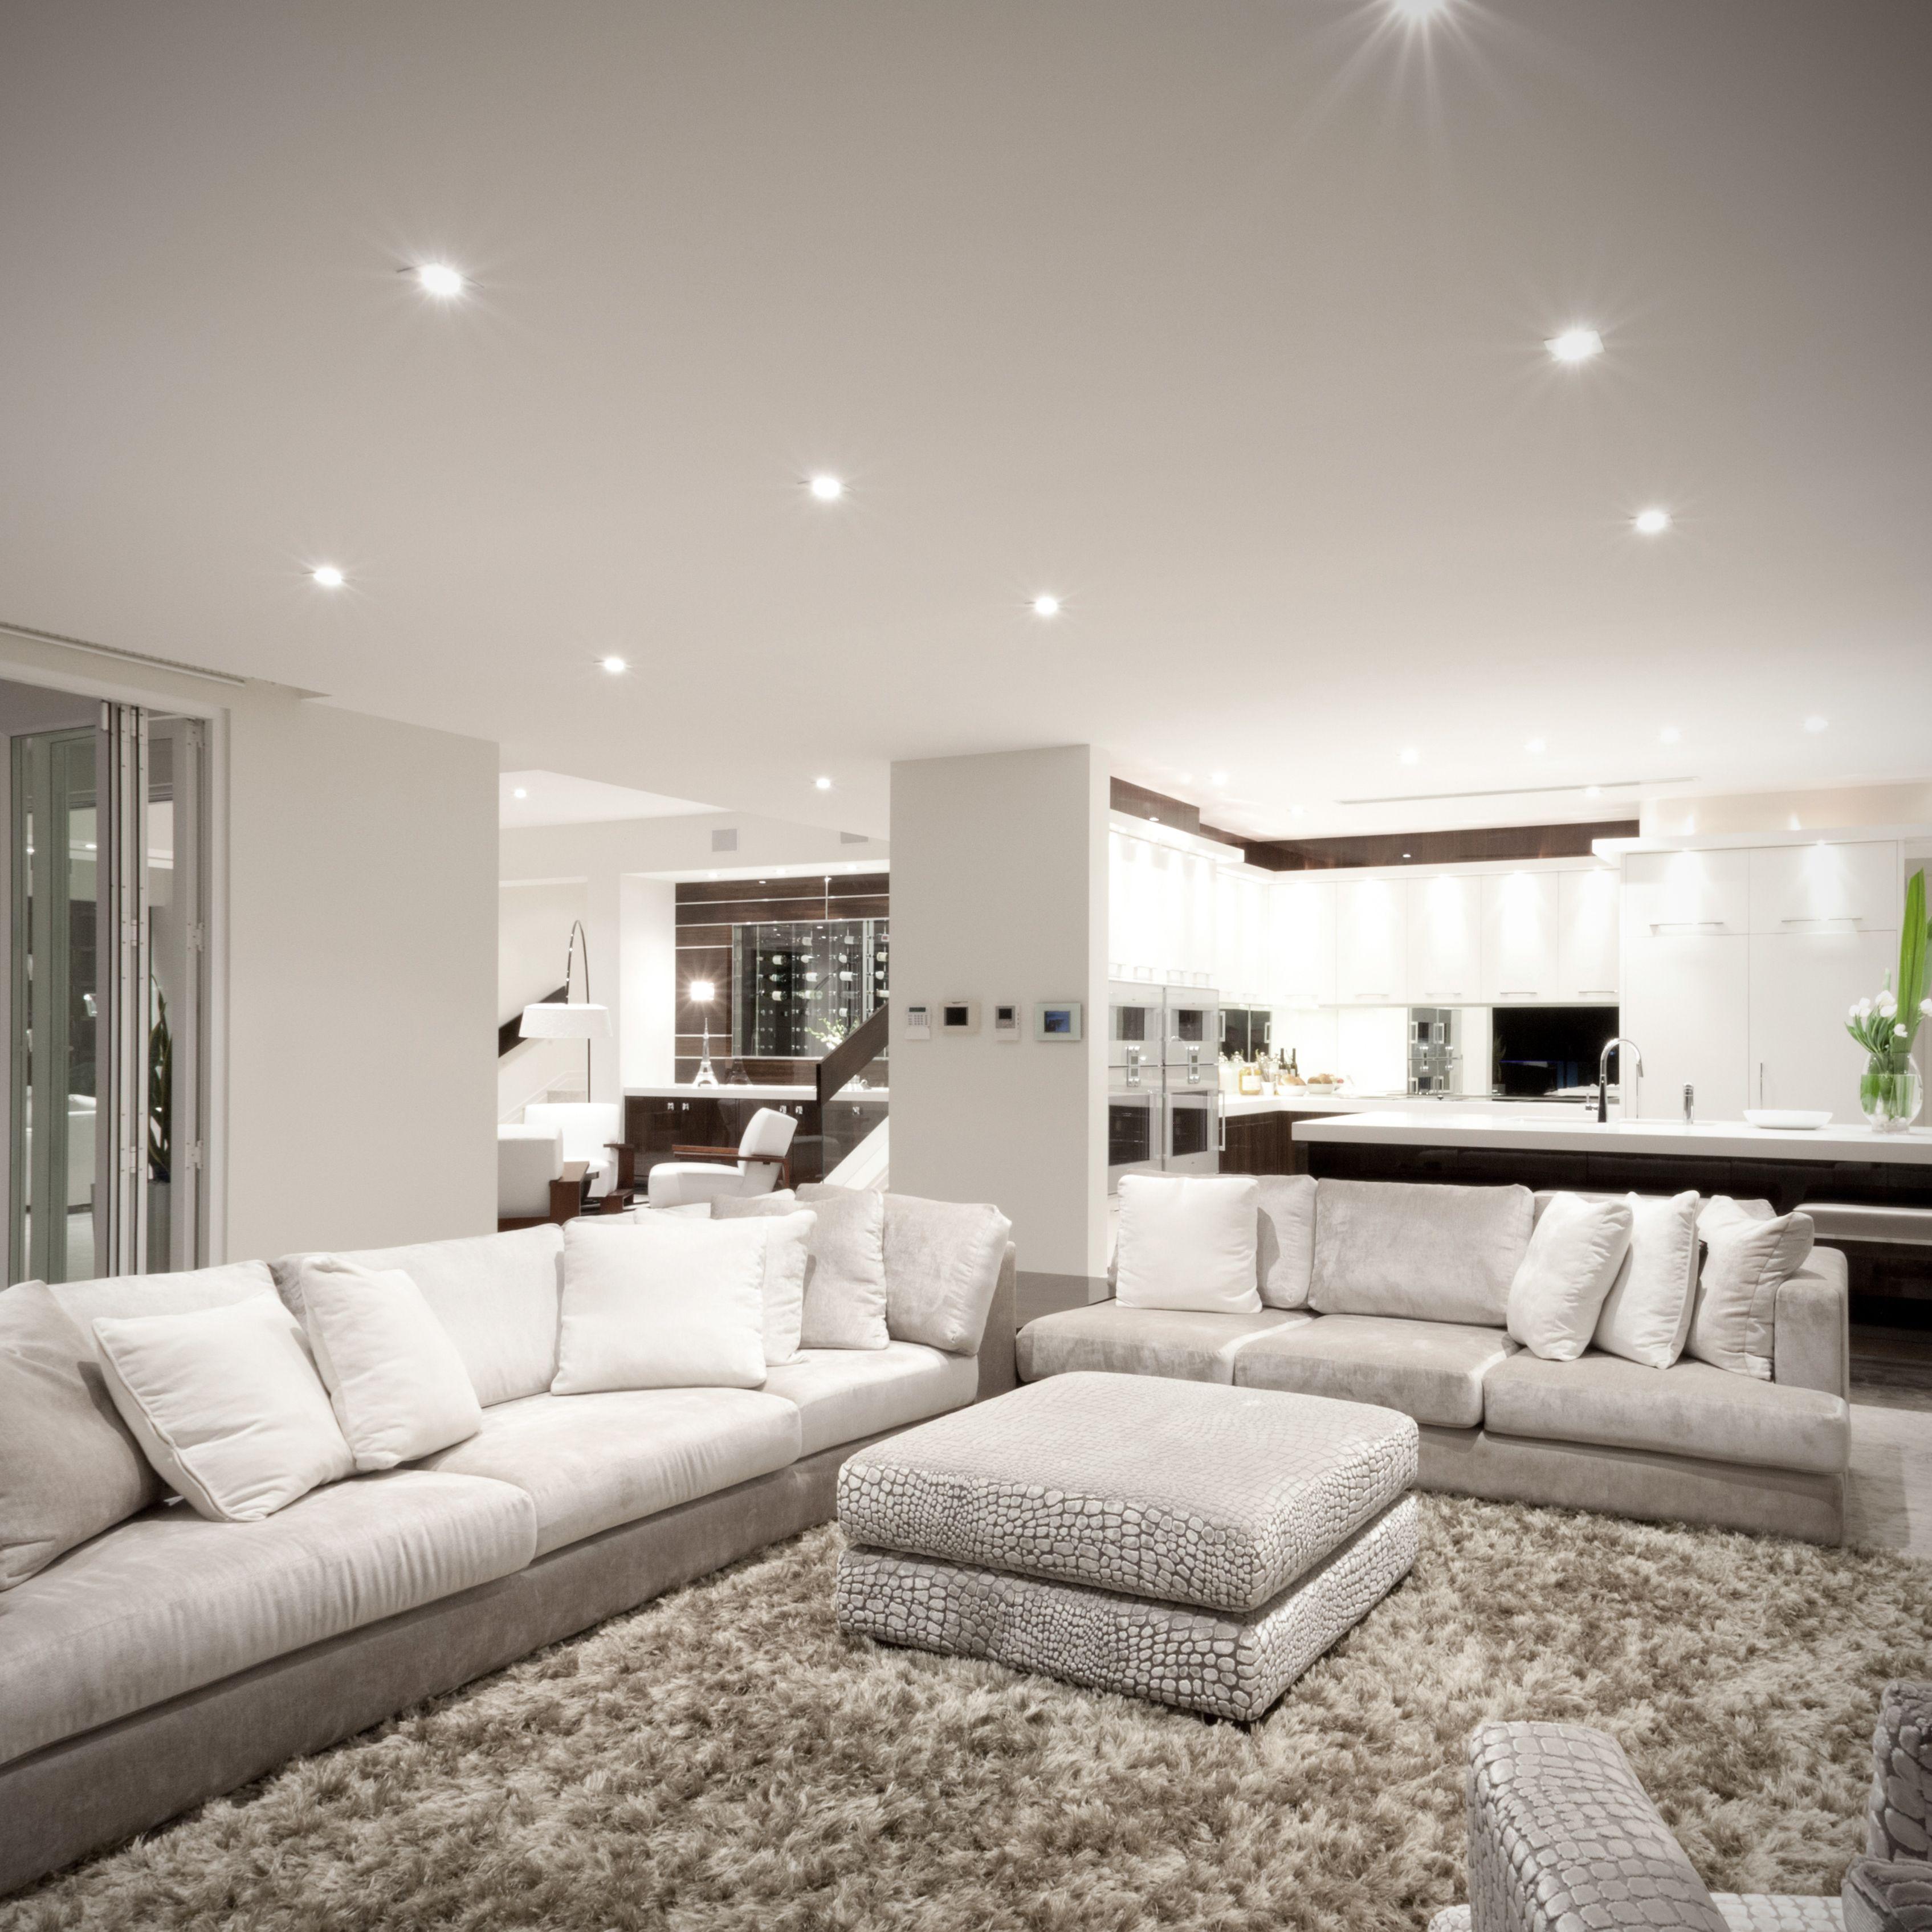 Led Einbauleuchten Asthetisches Schlafzimmer Einbauleuchten Wohnung Gestalten